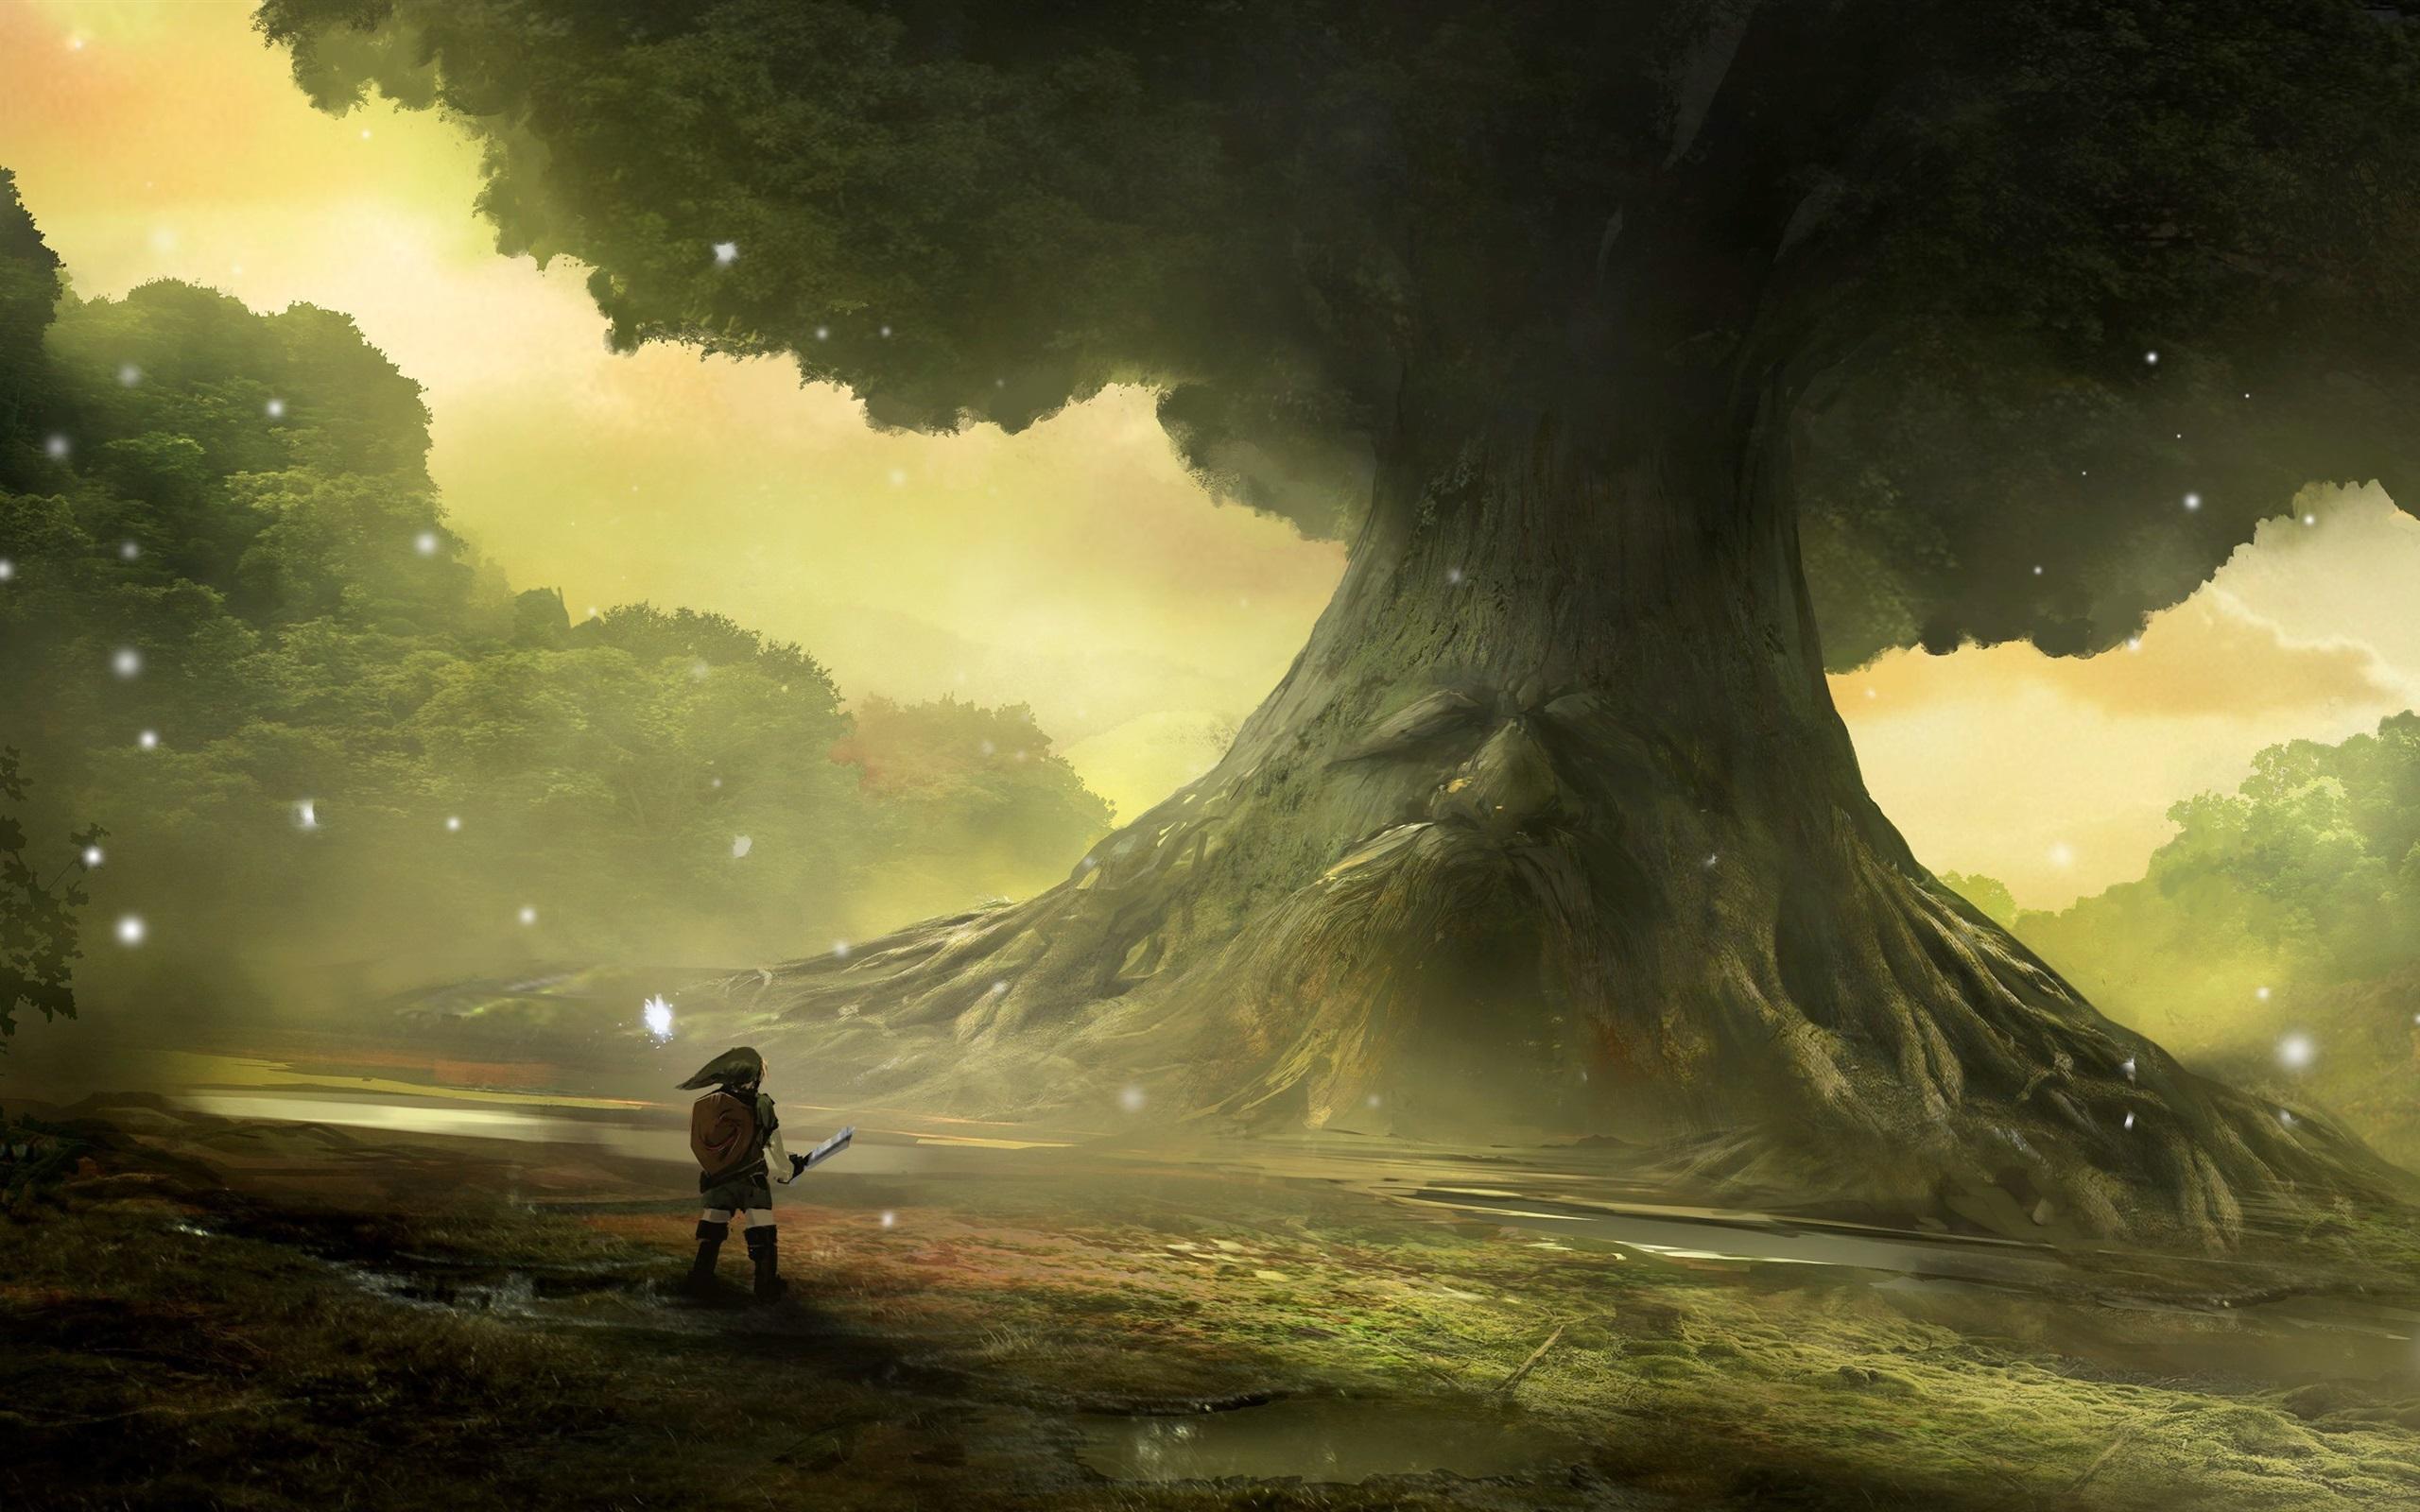 Wallpaper The Legend of Zelda, Nintendo, game, big tree, art